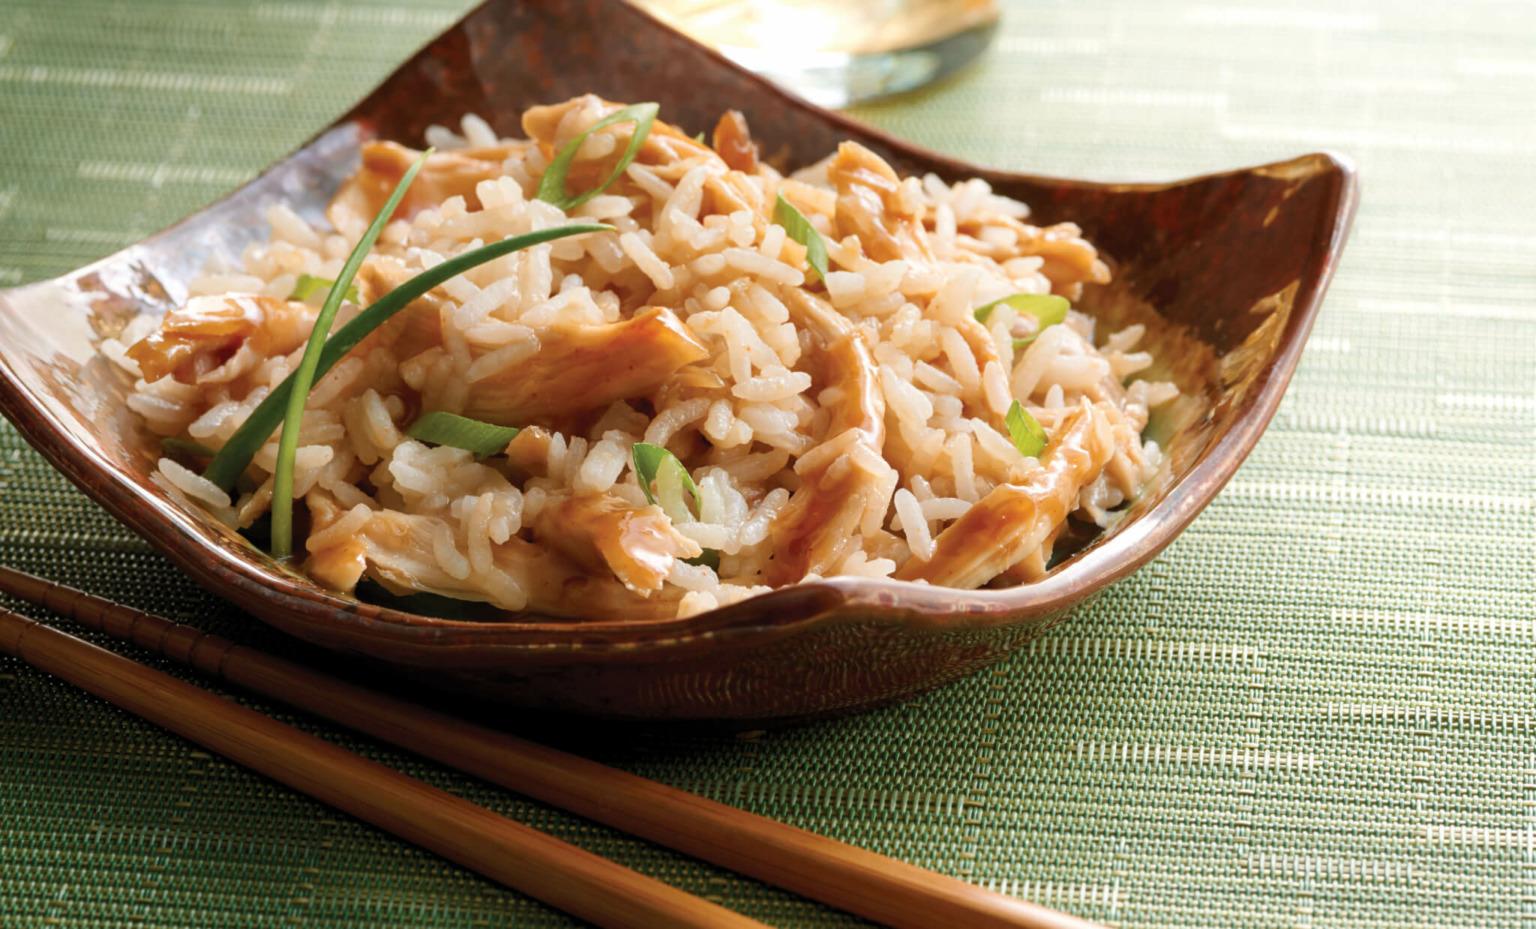 Thai Peanut Chicken with Jasmine Rice